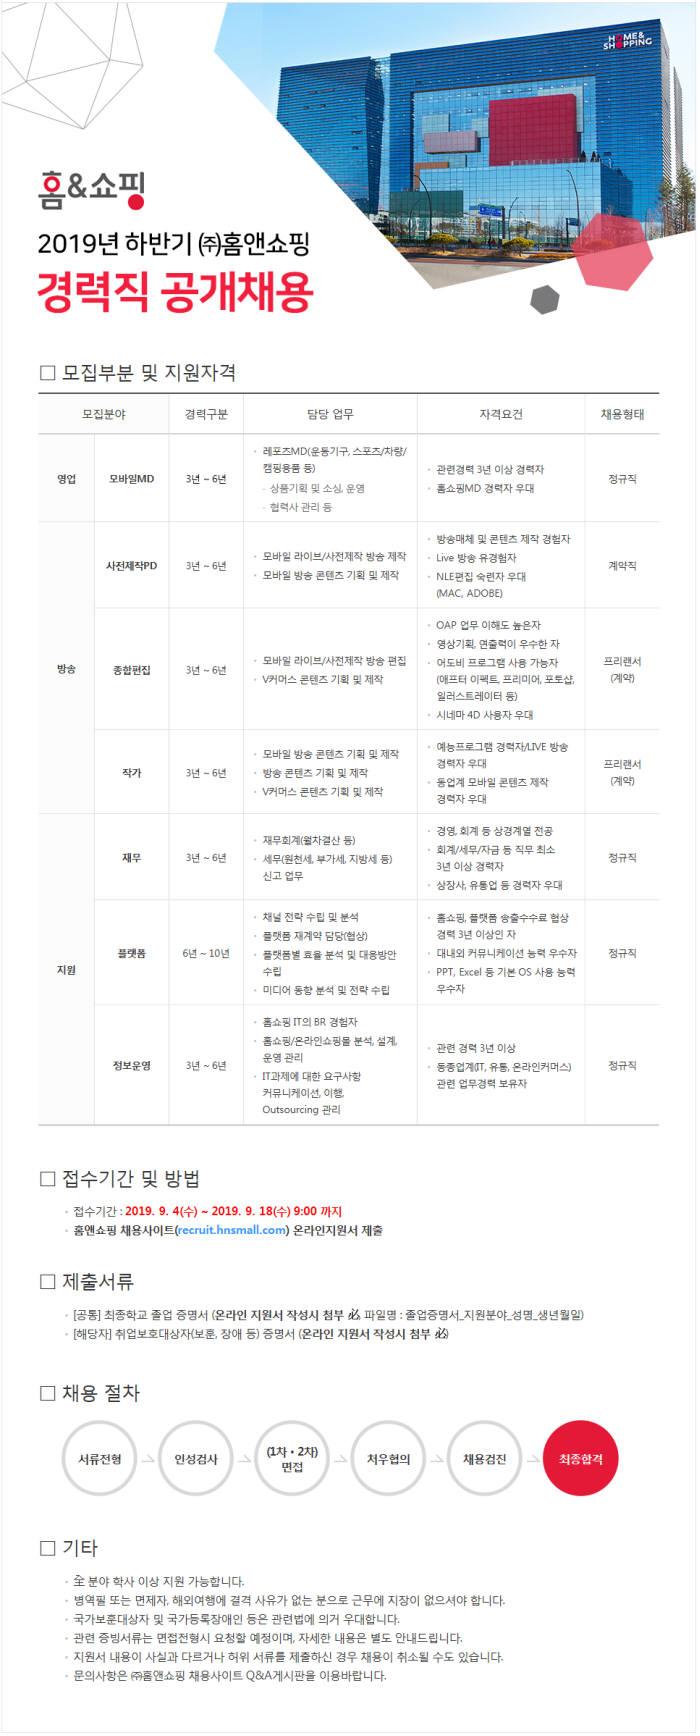 홈앤쇼핑, 2019 하반기 경력직 공개채용